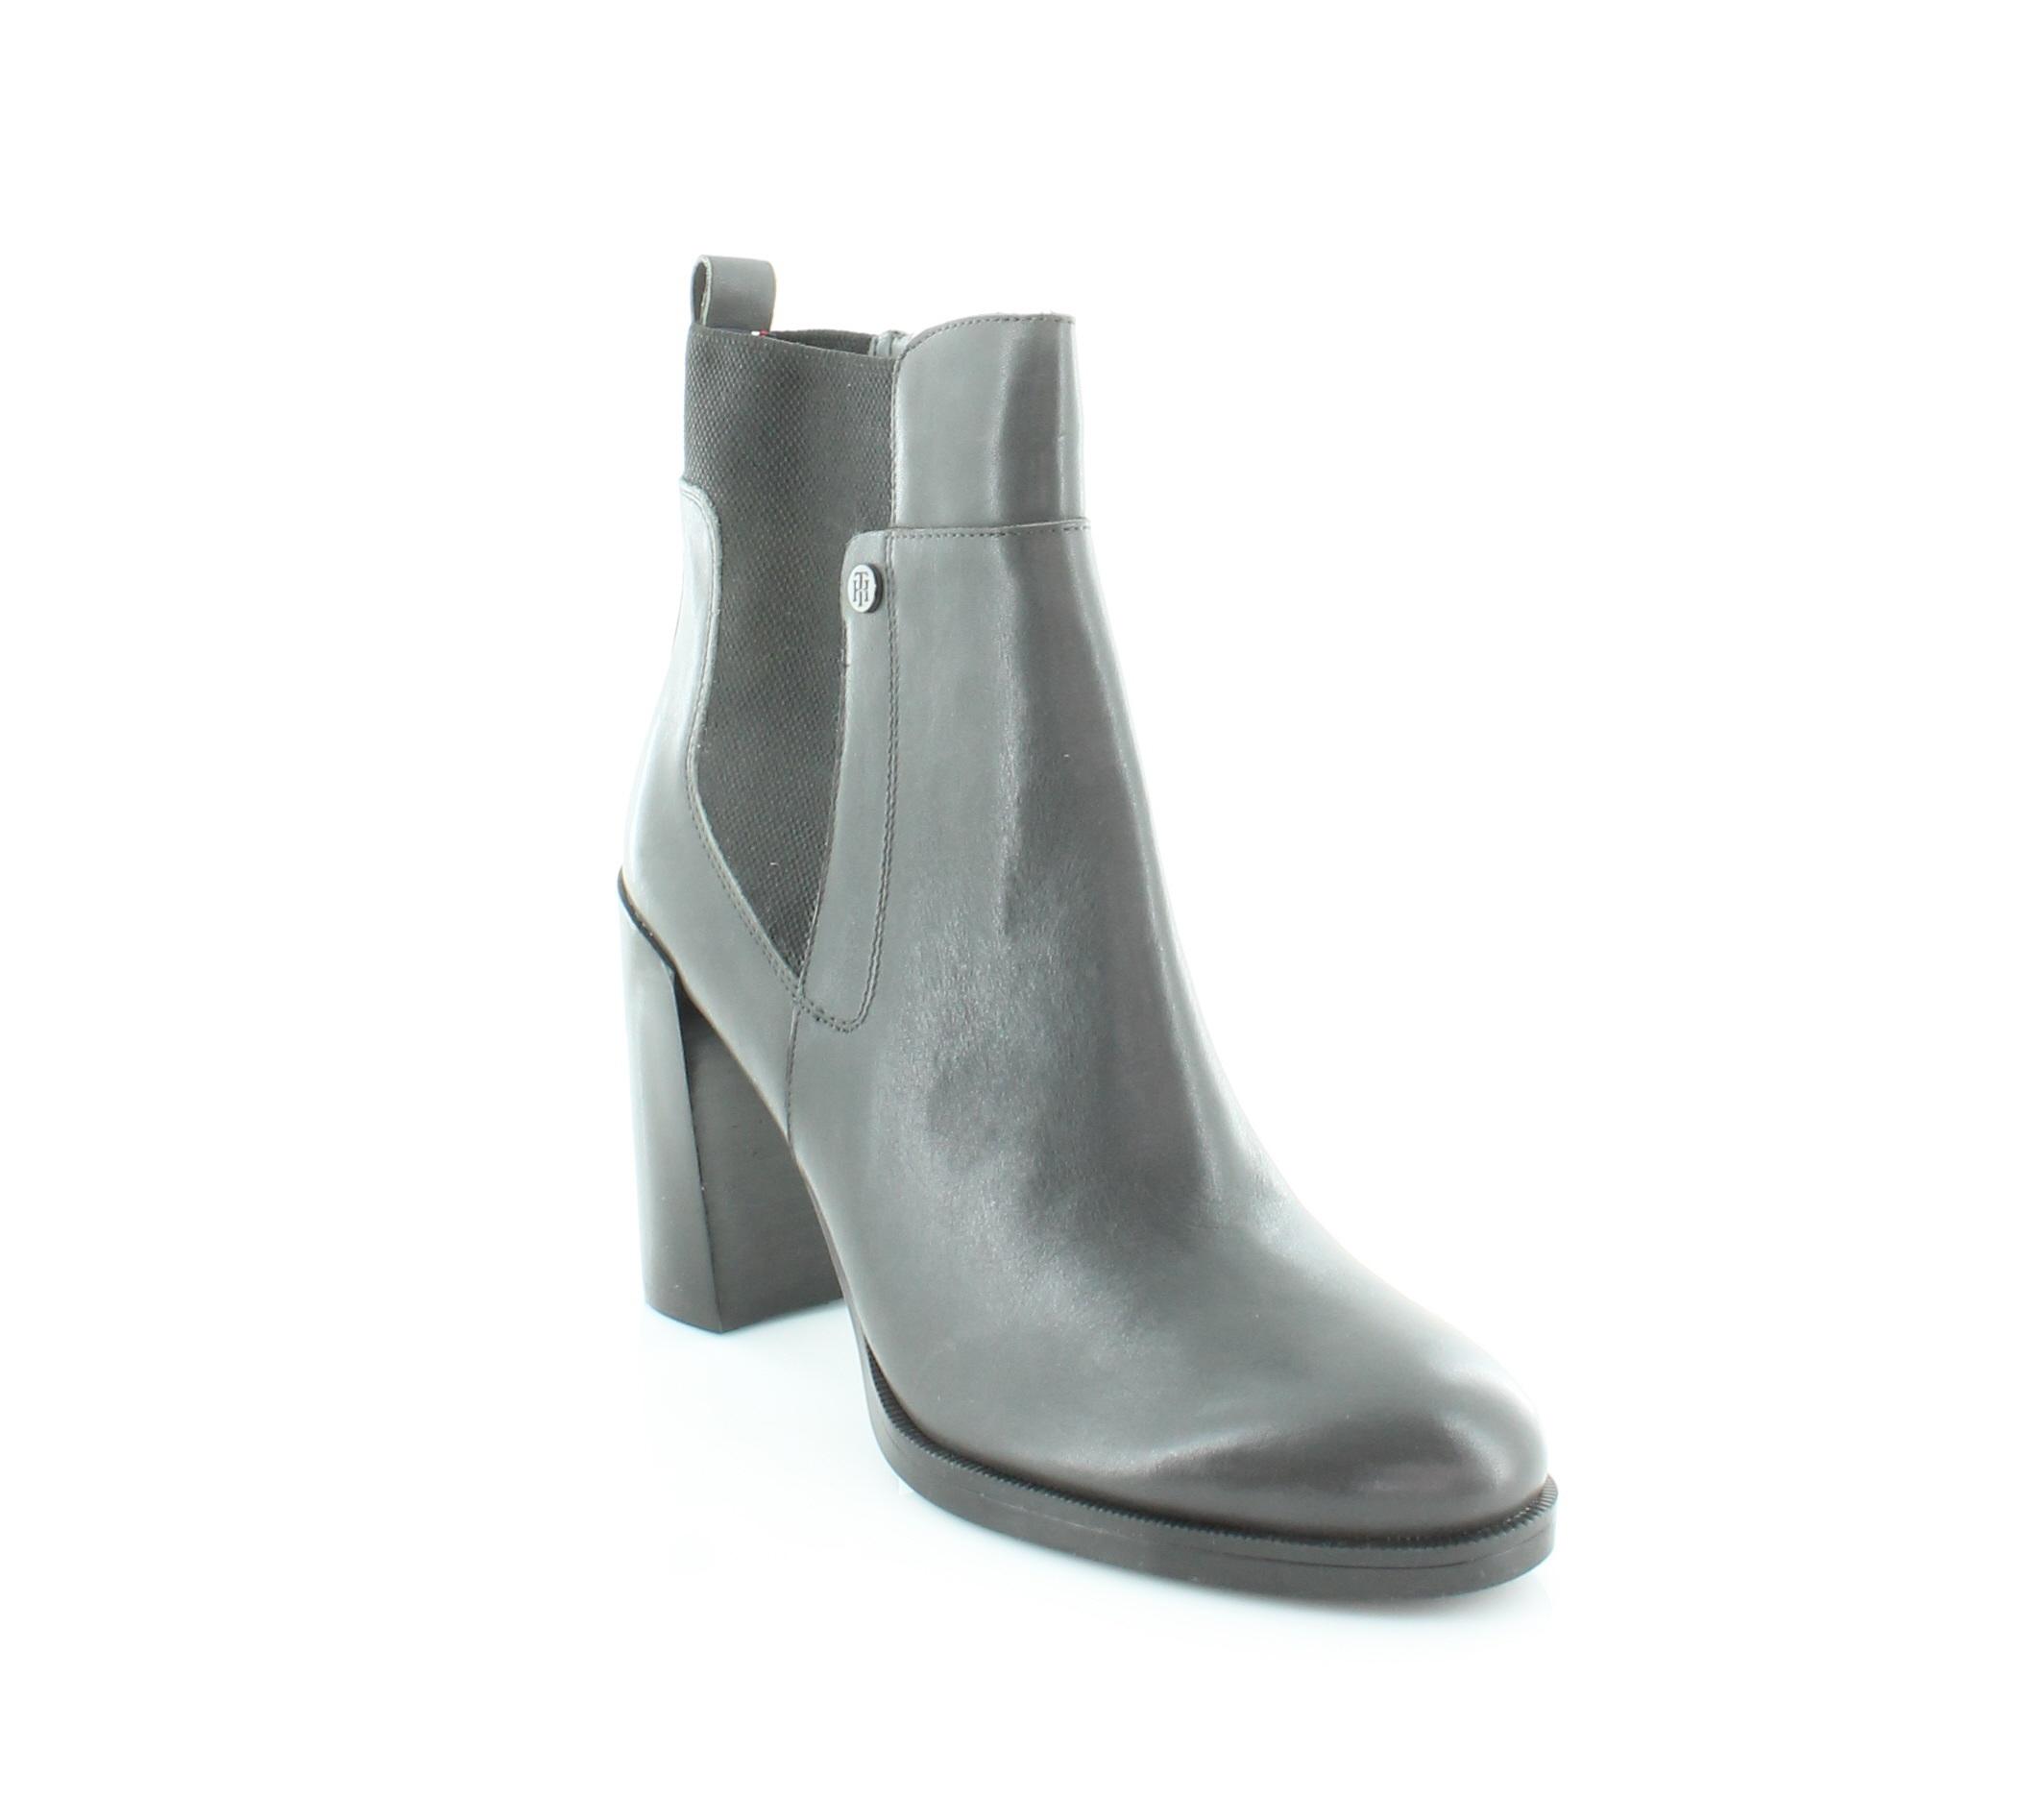 60a7063b9 Tommy Hilfiger Britton Block Heel Ankle BOOTS - Dark Grey 9.5 M US ...